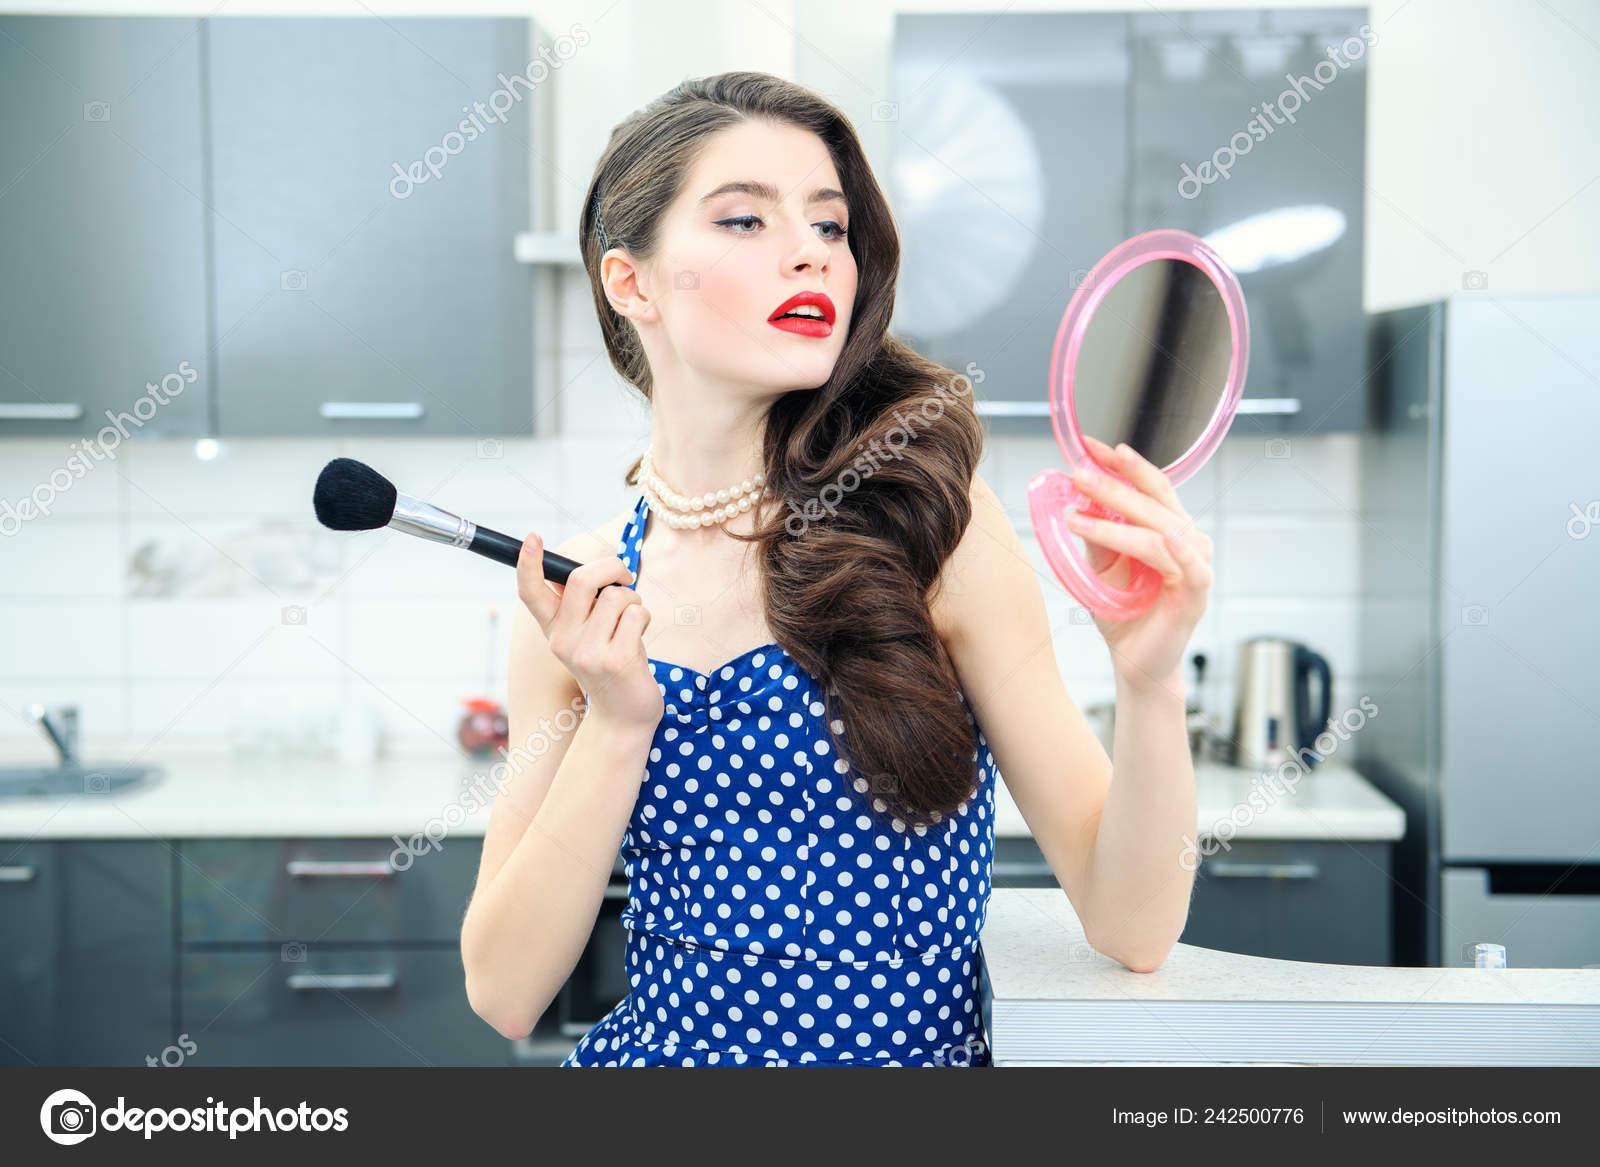 Retrato Una Mujer Joven Atractiva Vestido Azul Oscuro Con